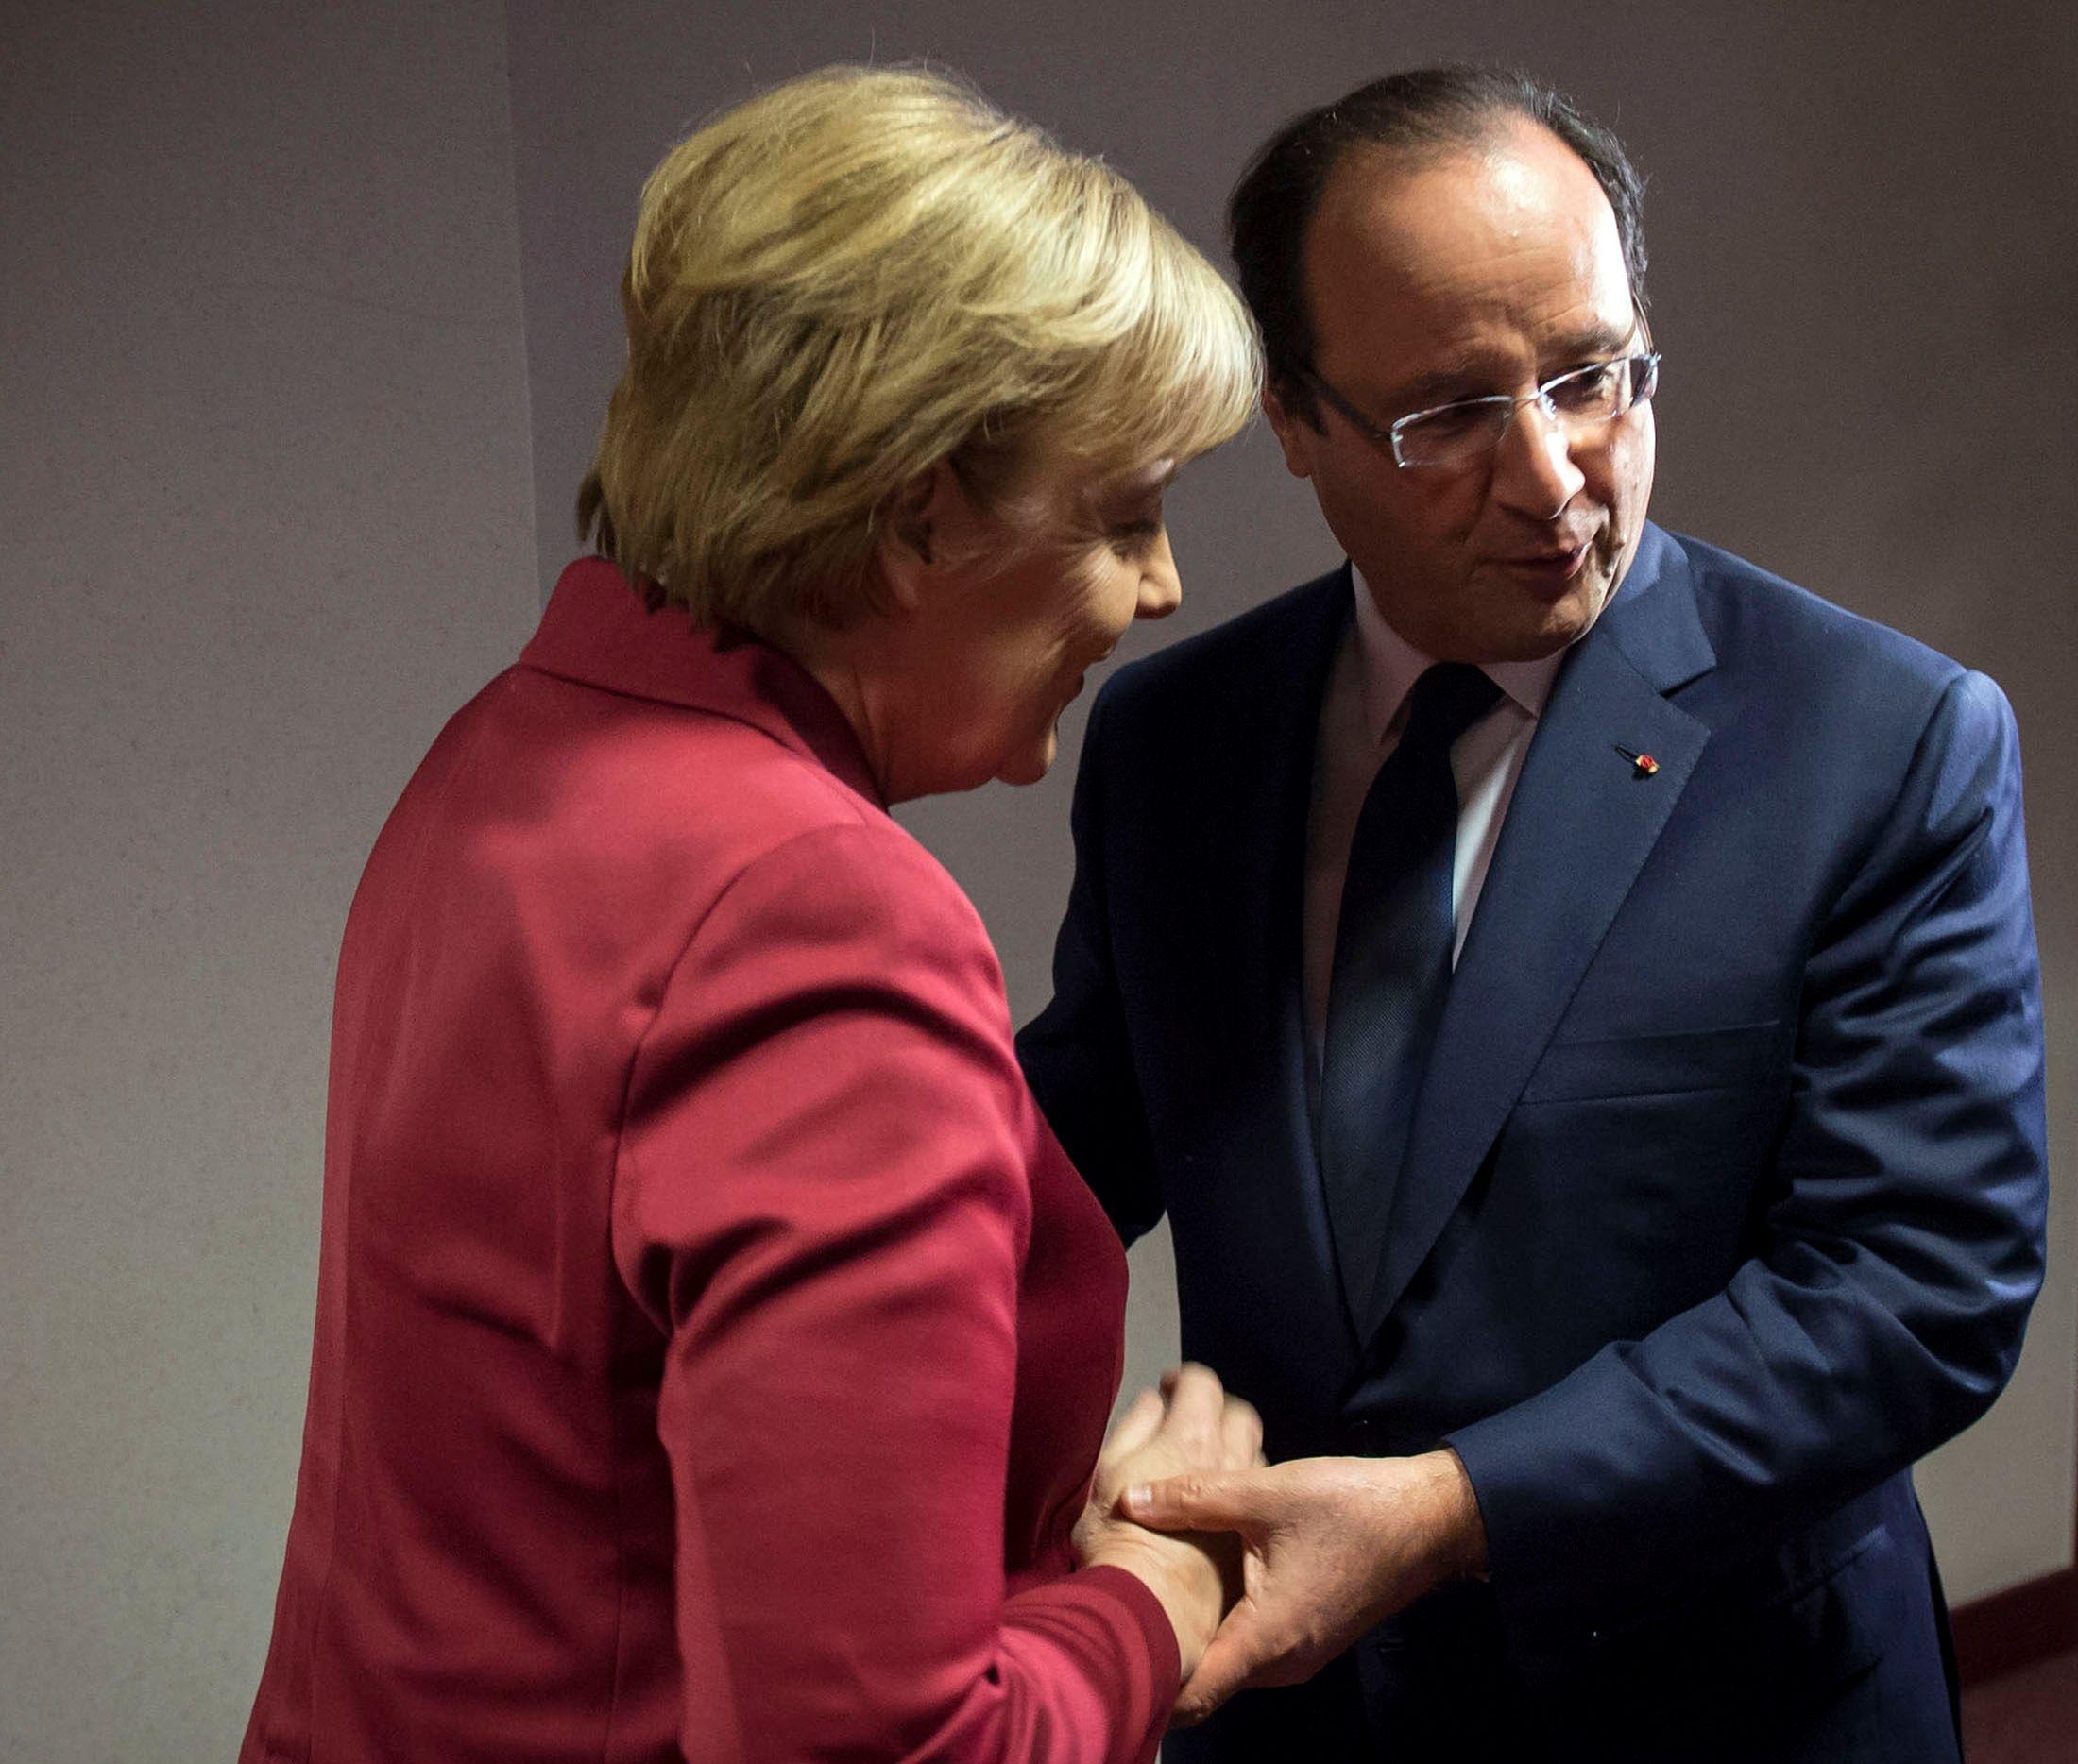 Données personnelles : Angela Merkel veut créer un réseau Internet européen